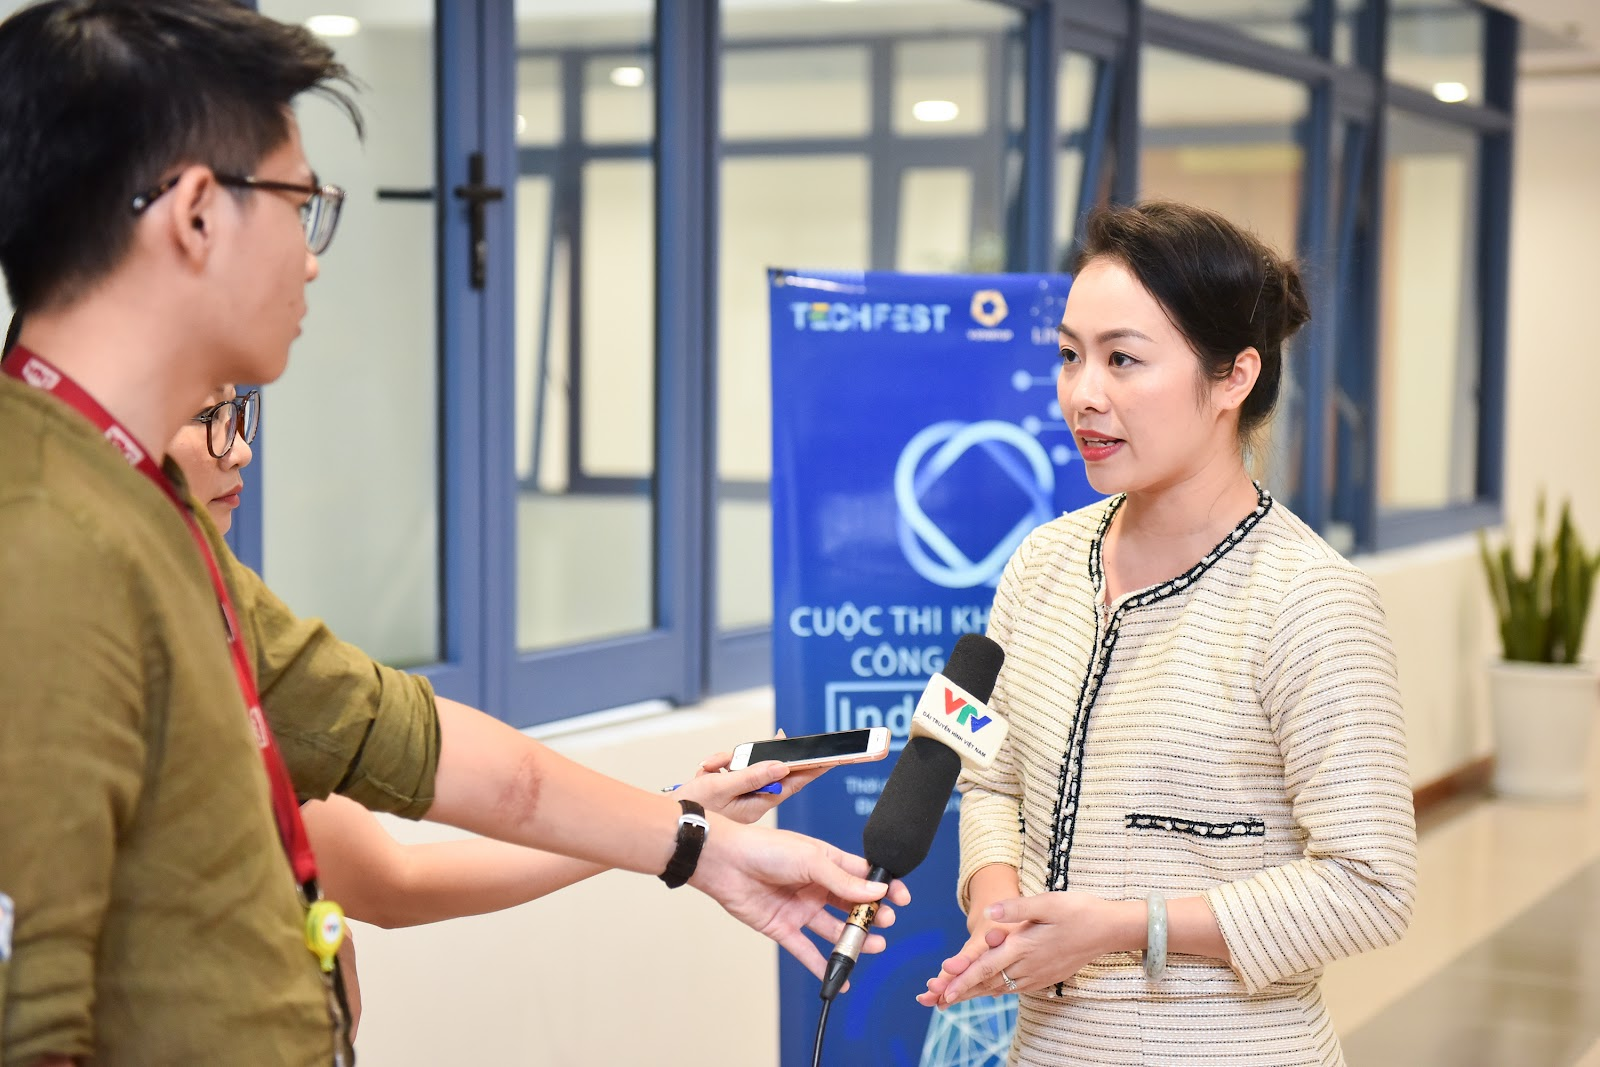 Bà Nguyễn Thy Nga- Giám đốc V-Startup, Trưởng làng công nghệ 4.0 chia sẻ về triển vọng đầu tư cho Startup phát triển